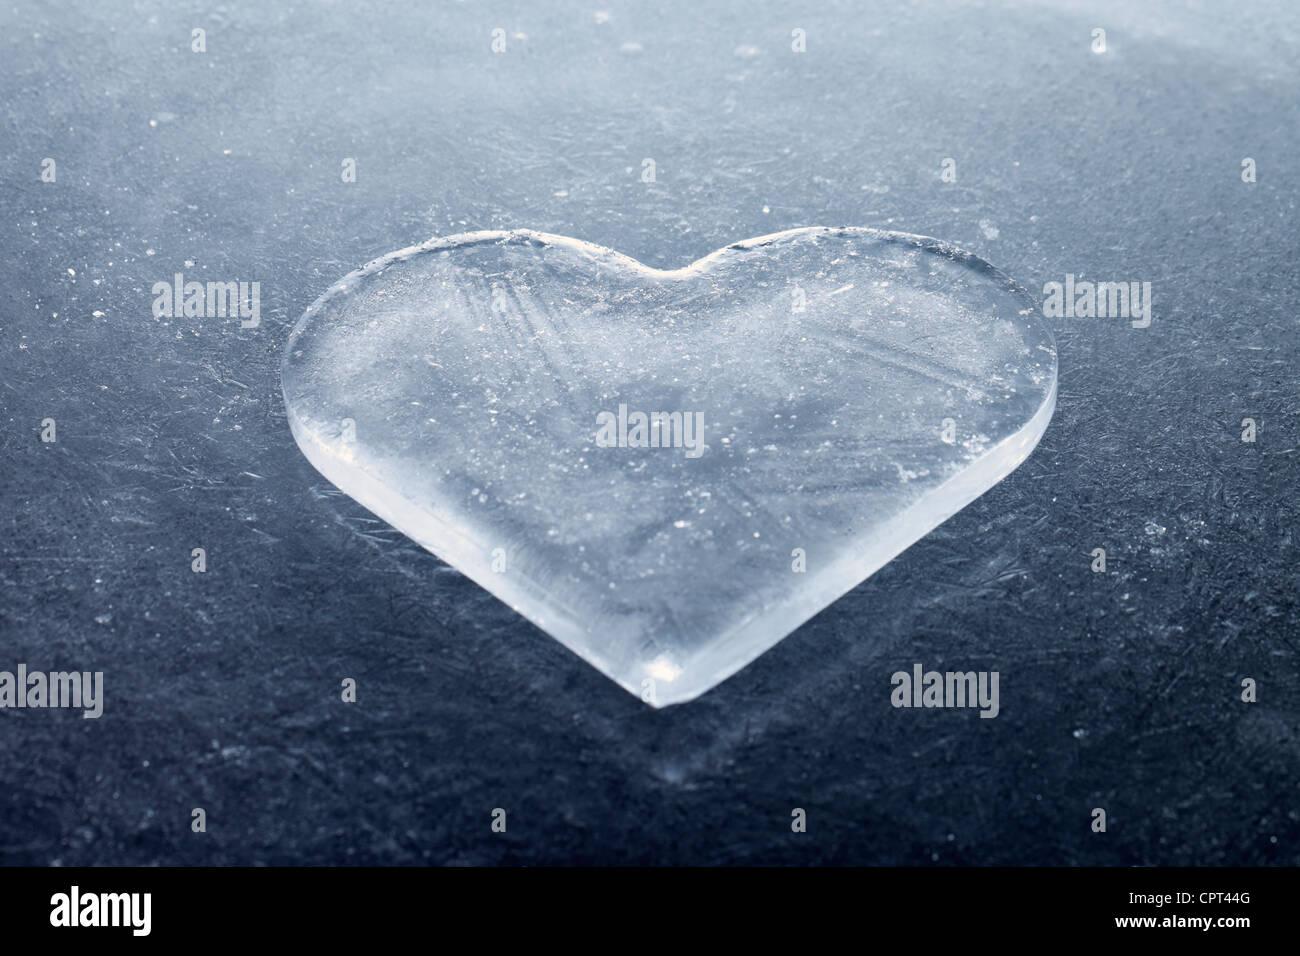 Un morceau de glace en forme de coeur. Photo Stock